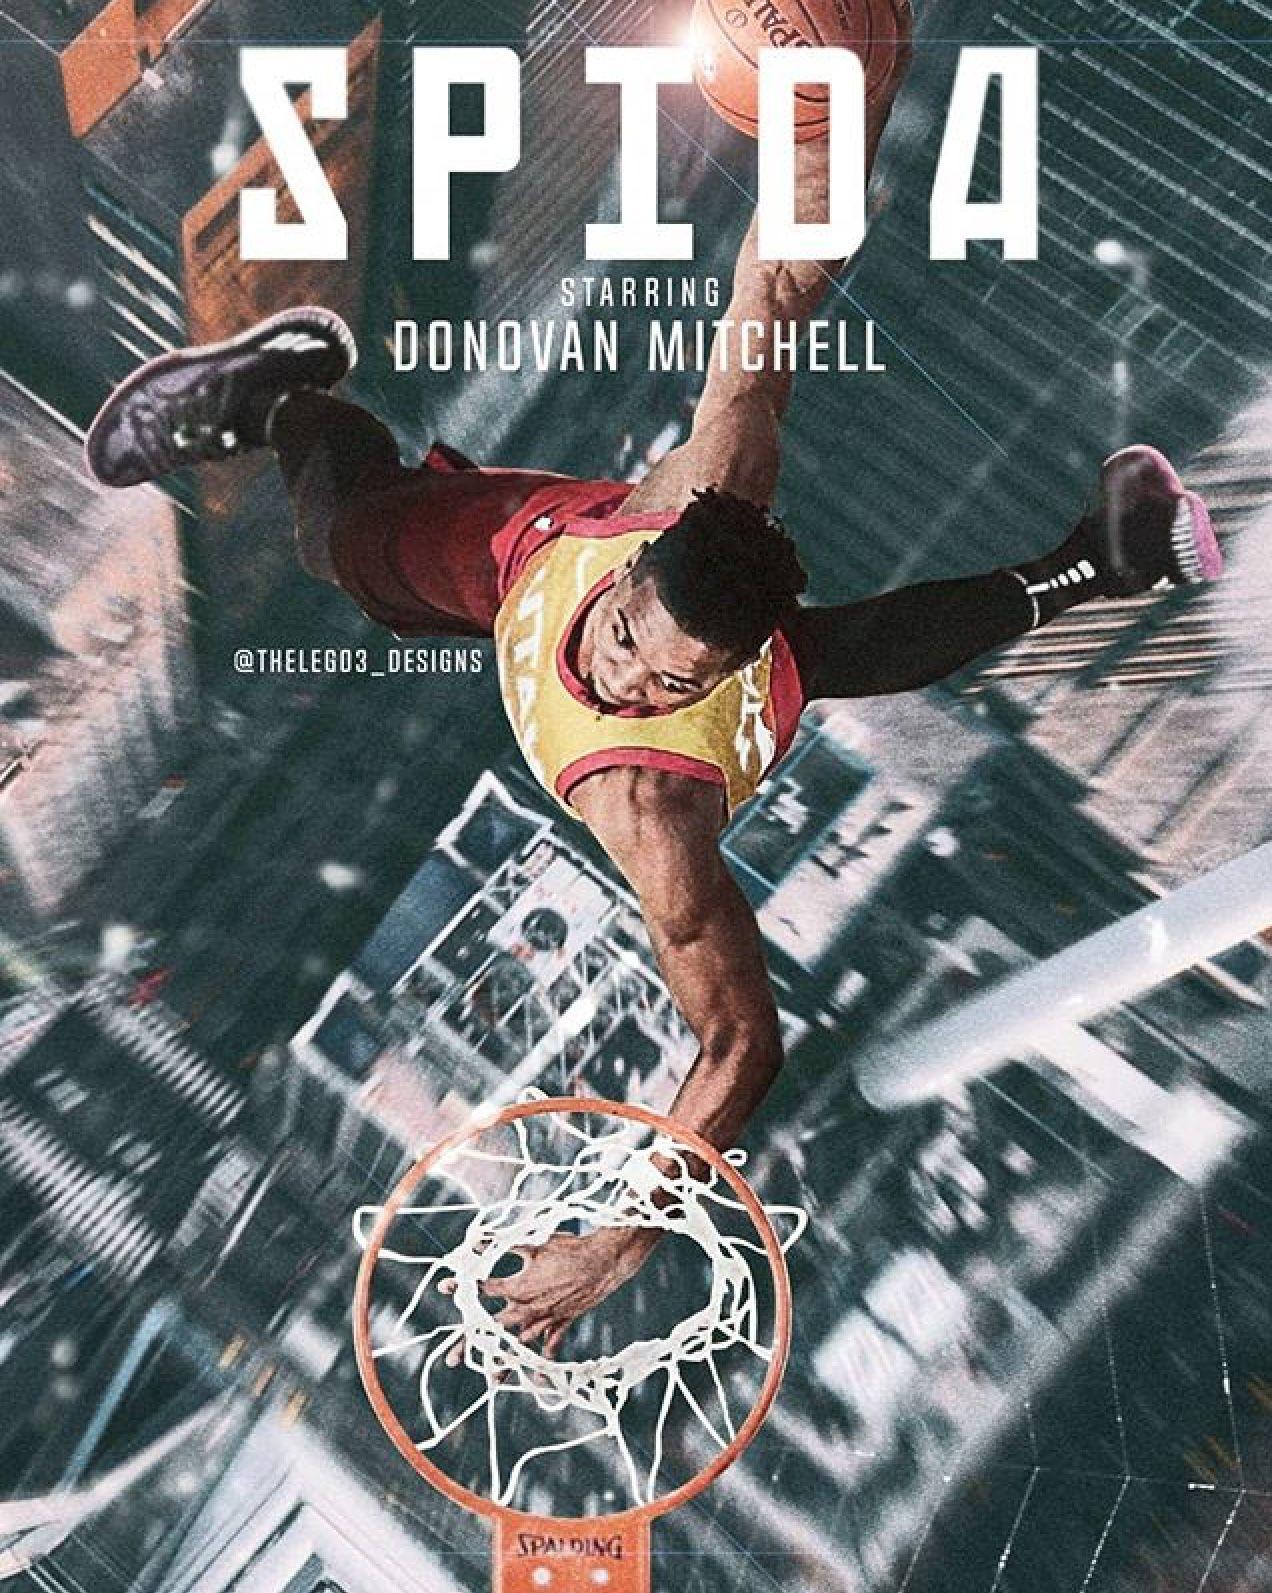 Pin by Mukul Mehta on Nice Utah jazz basketball, Jazz